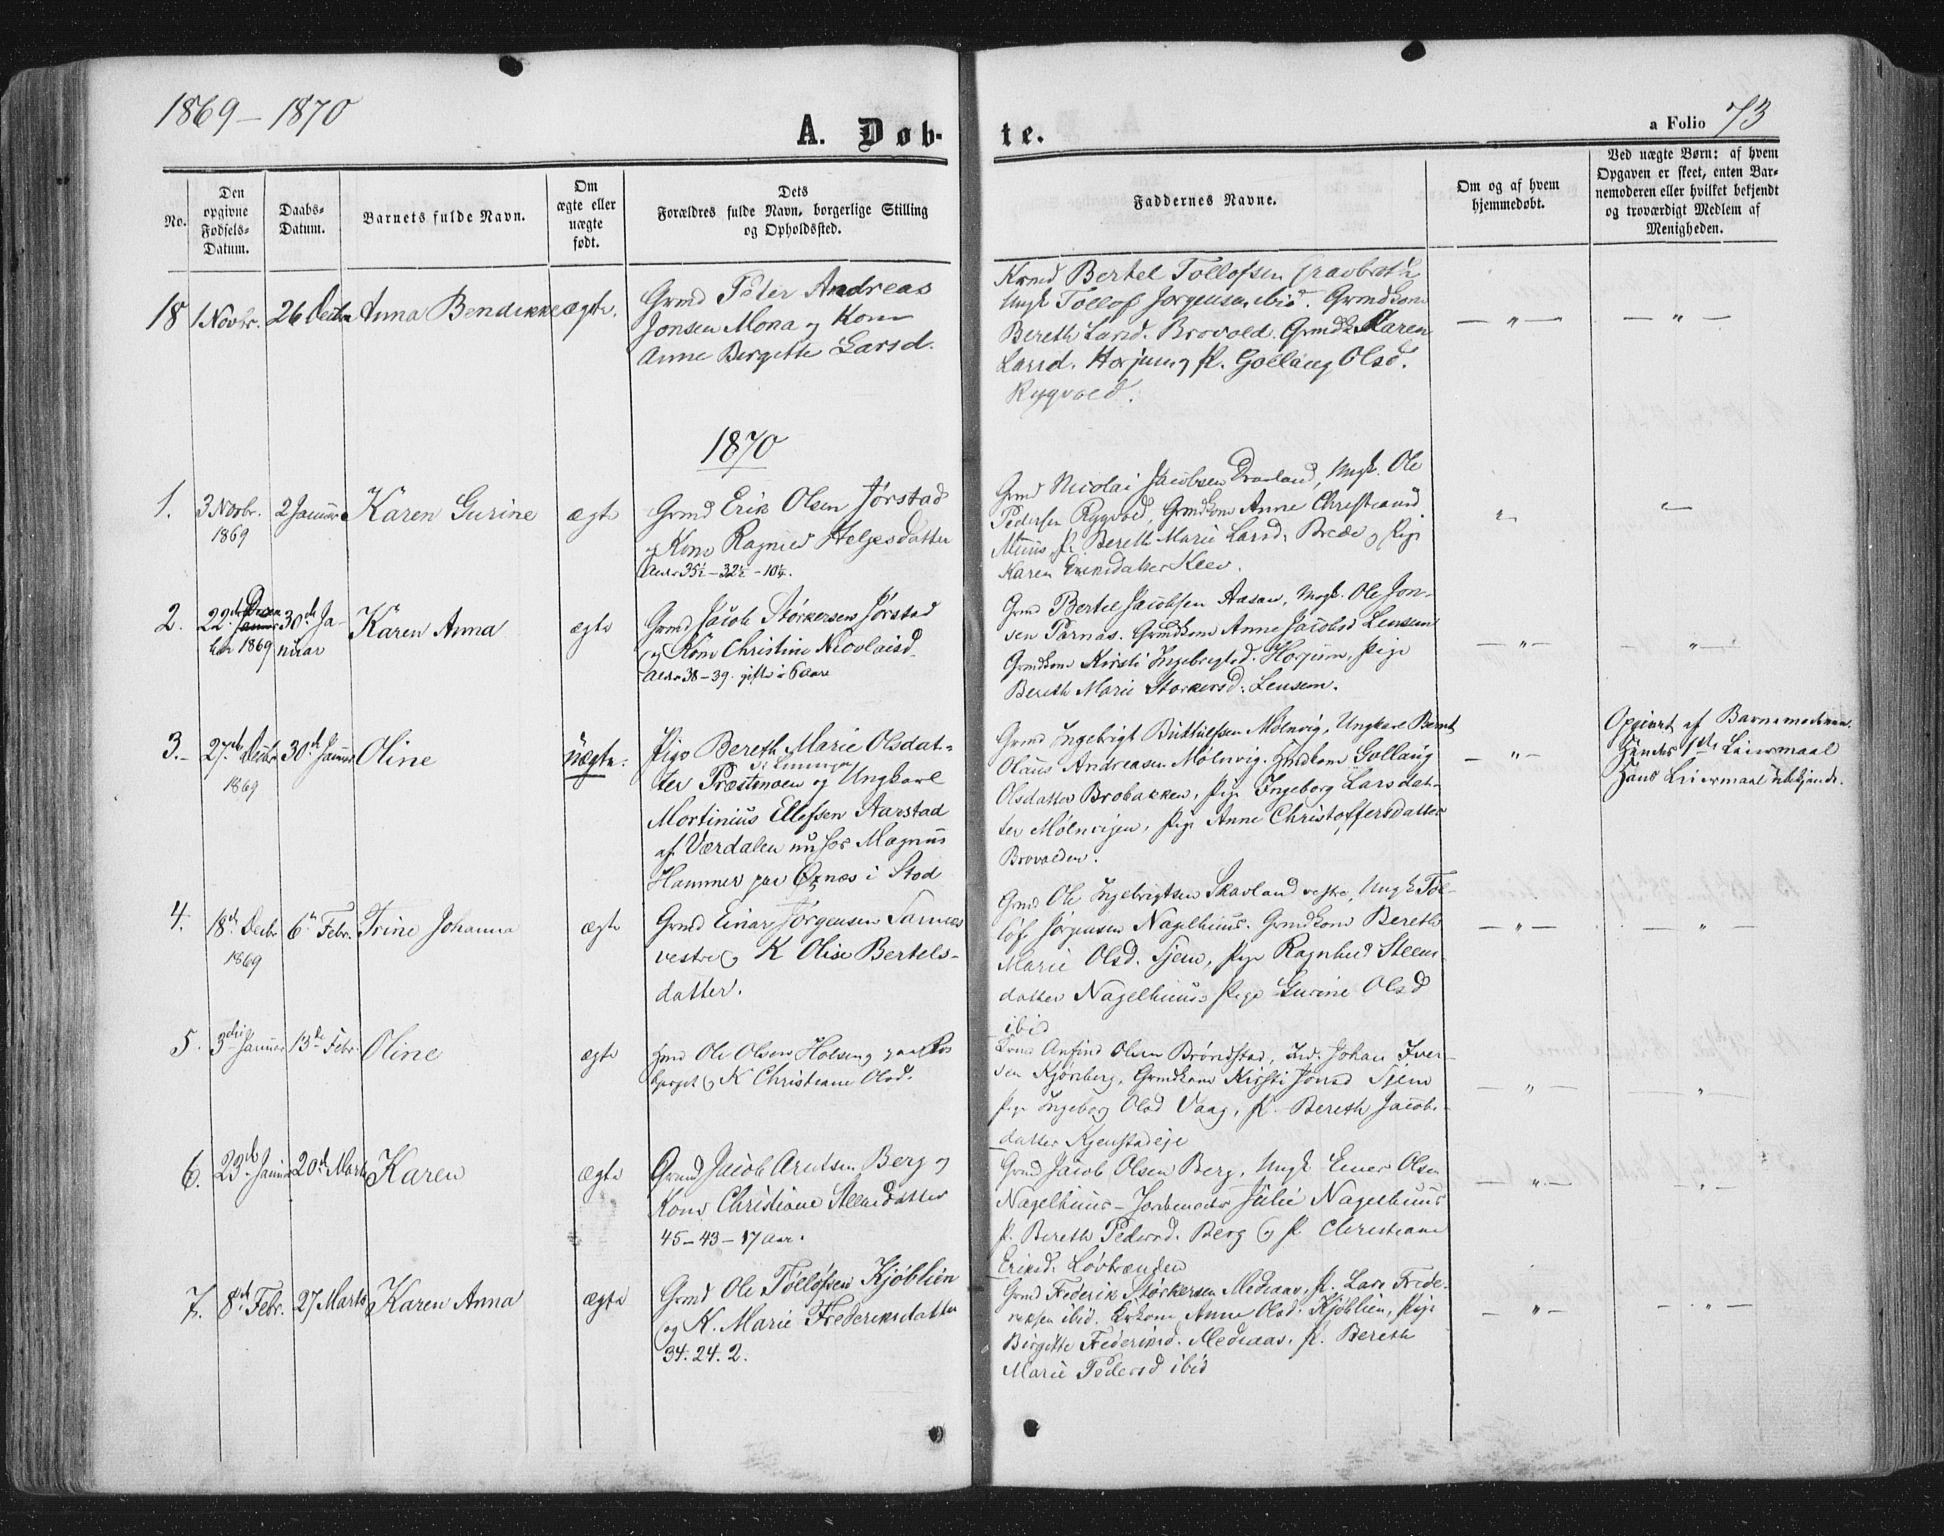 SAT, Ministerialprotokoller, klokkerbøker og fødselsregistre - Nord-Trøndelag, 749/L0472: Ministerialbok nr. 749A06, 1857-1873, s. 73